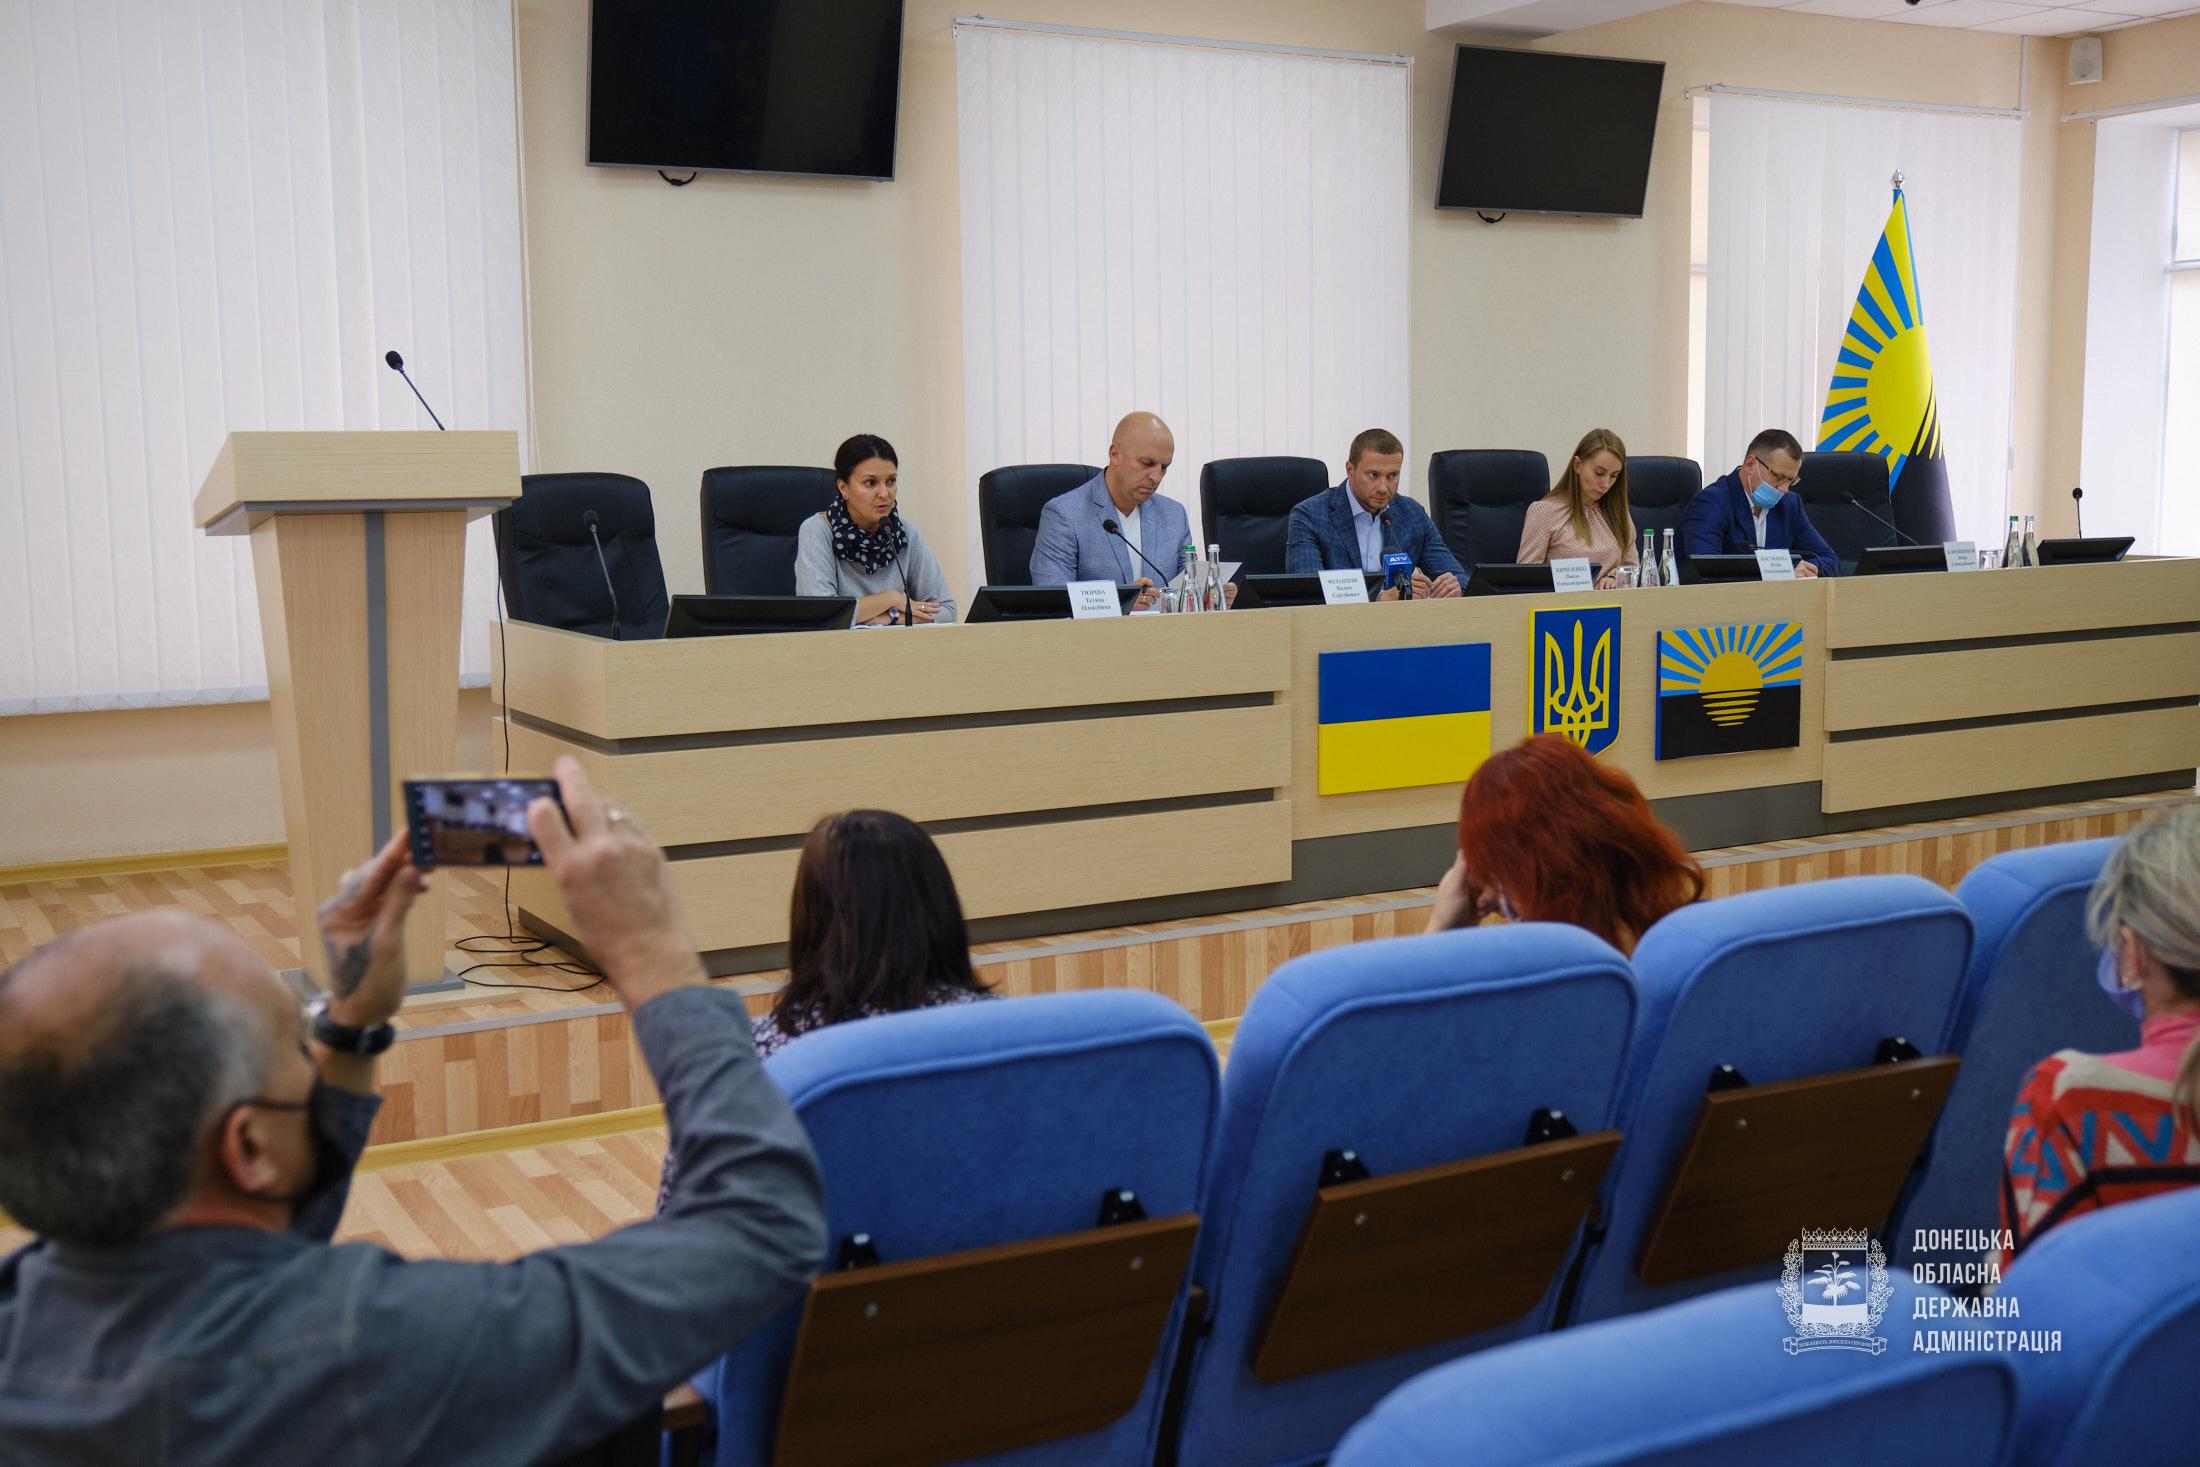 Голова Донецької ОДА Павло Кириленко зустрівся з родинами загиблих учасників АТО/ООС